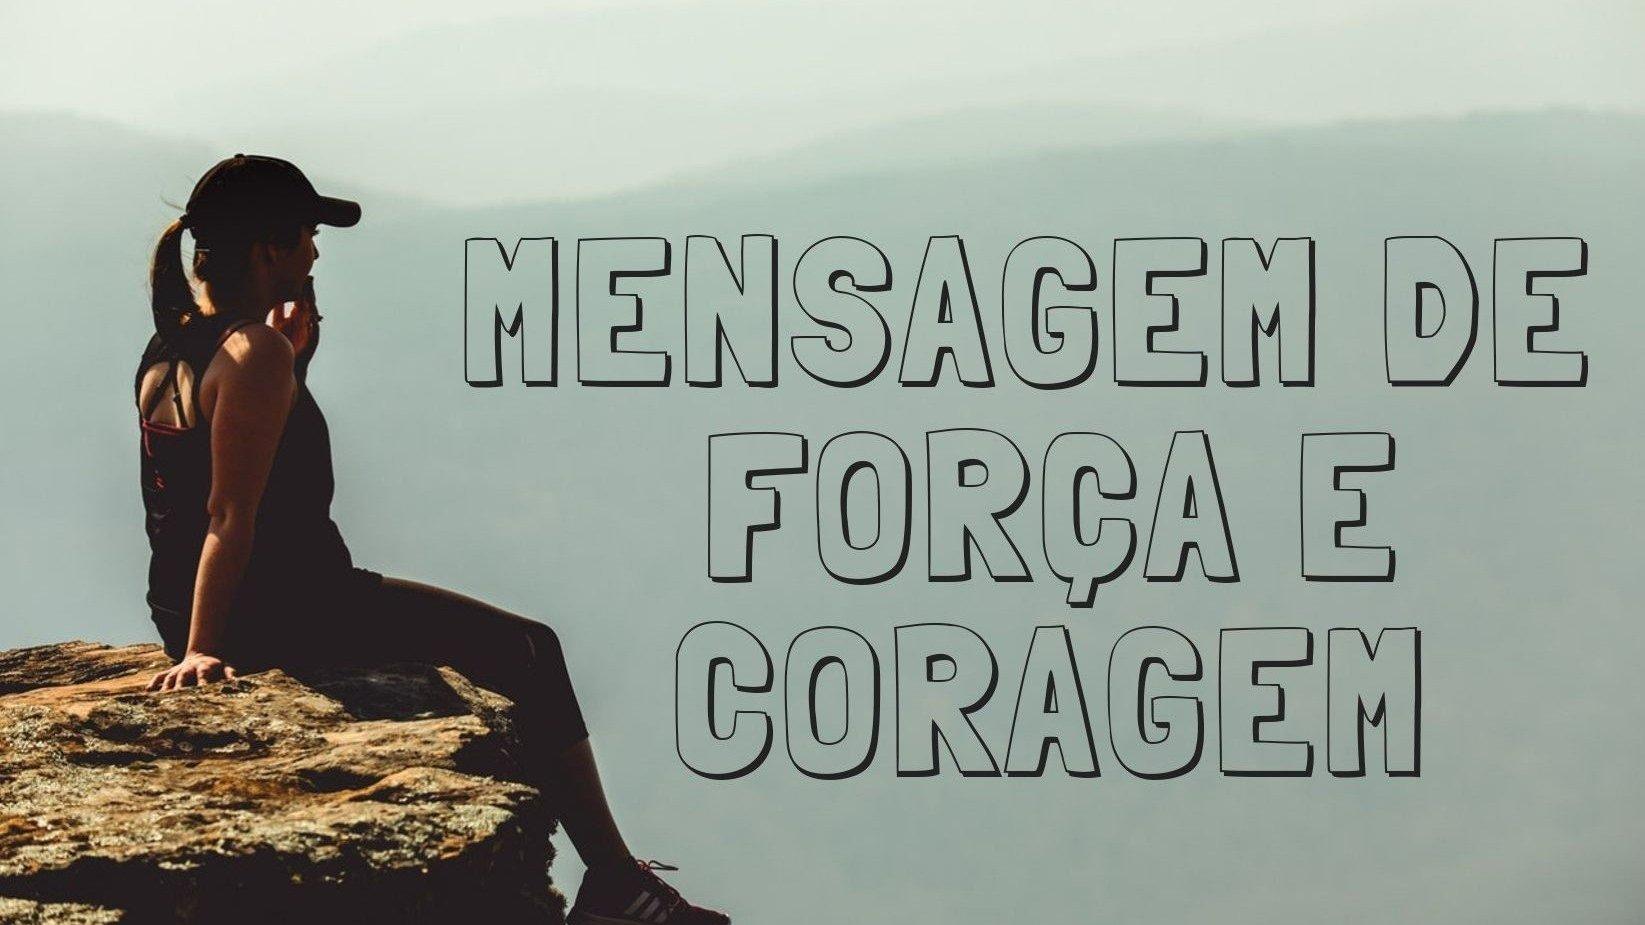 Mensagem de força e coragem:inspire-se a lutar pelo que quer